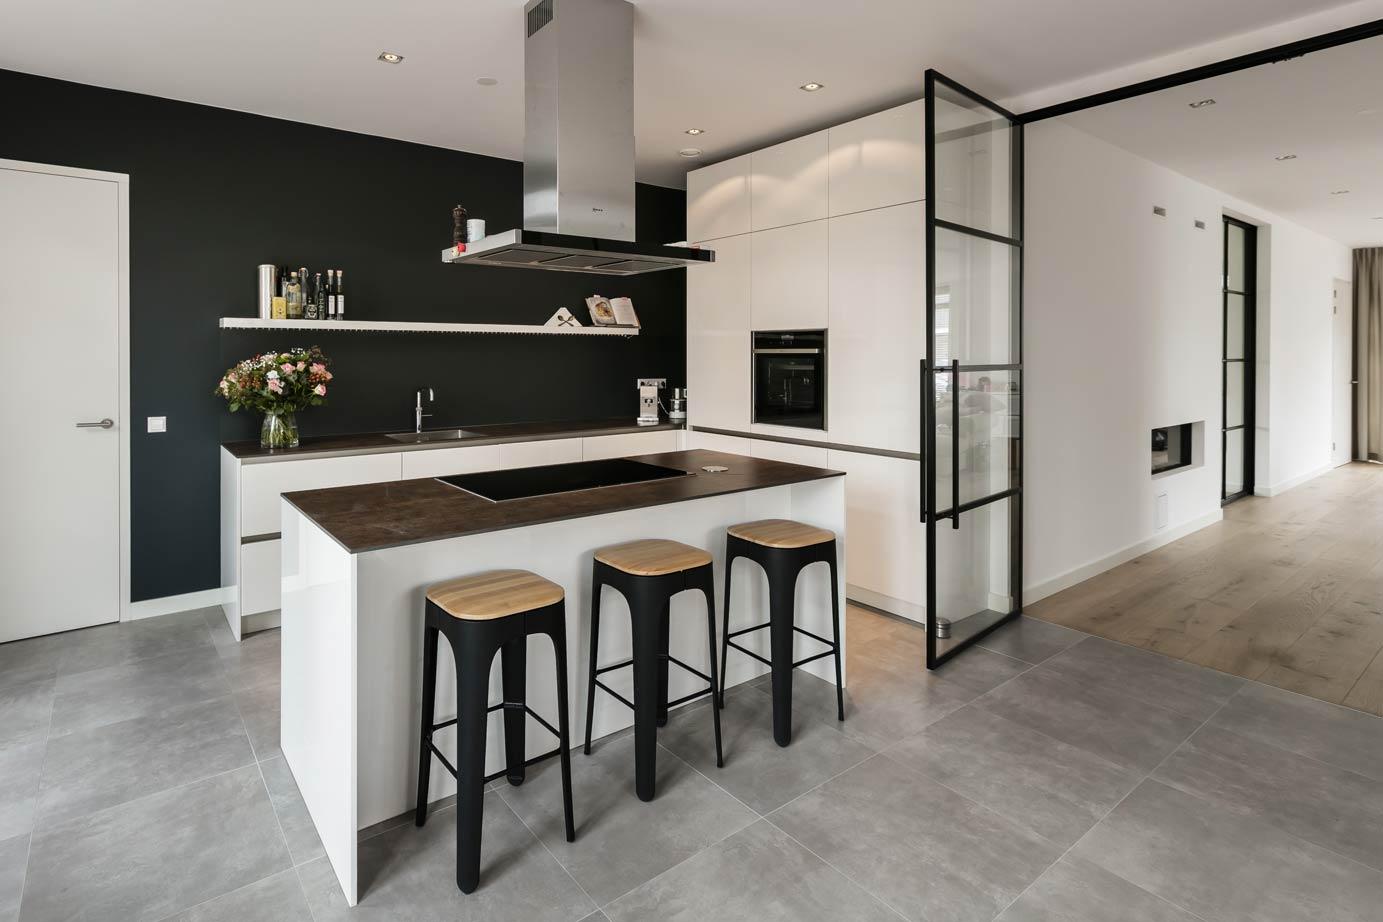 Keukeneiland T Opstelling : Kookeiland of keukeneiland alles wat u moet weten over een keuken